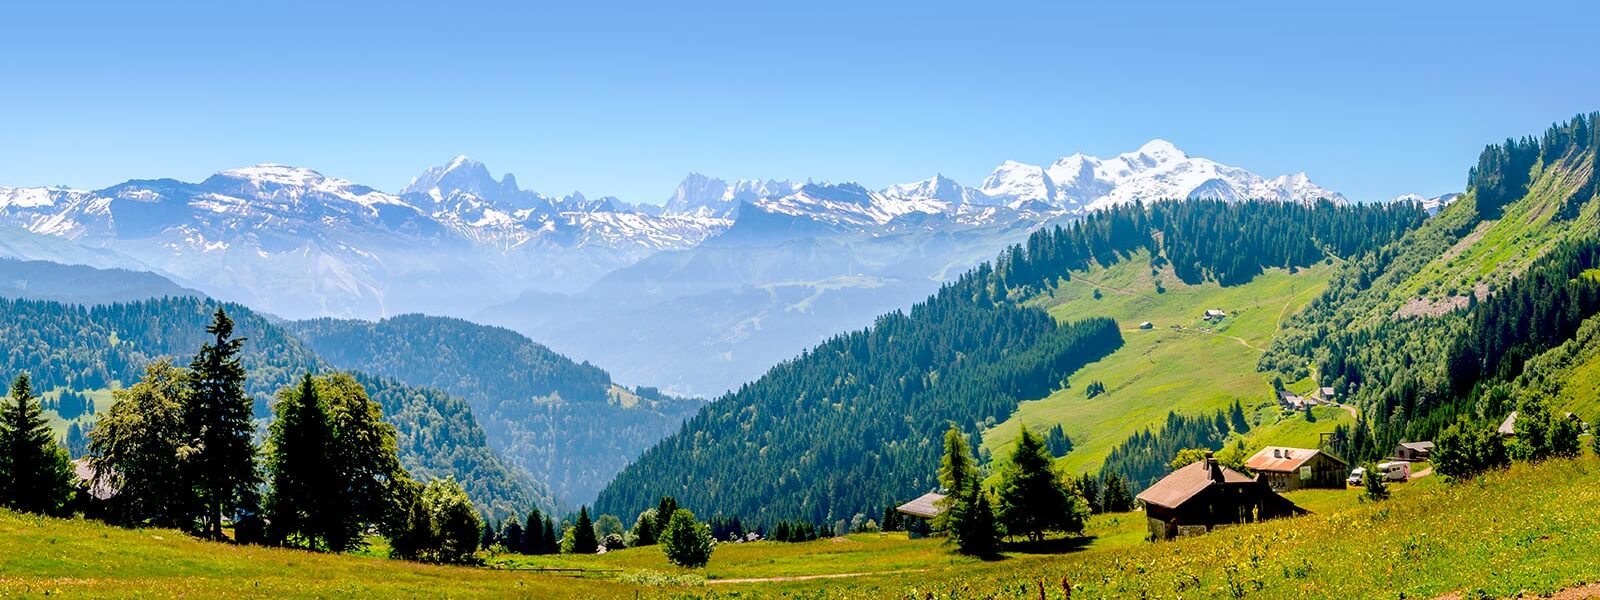 Kanpai Tourisme - The French Alps